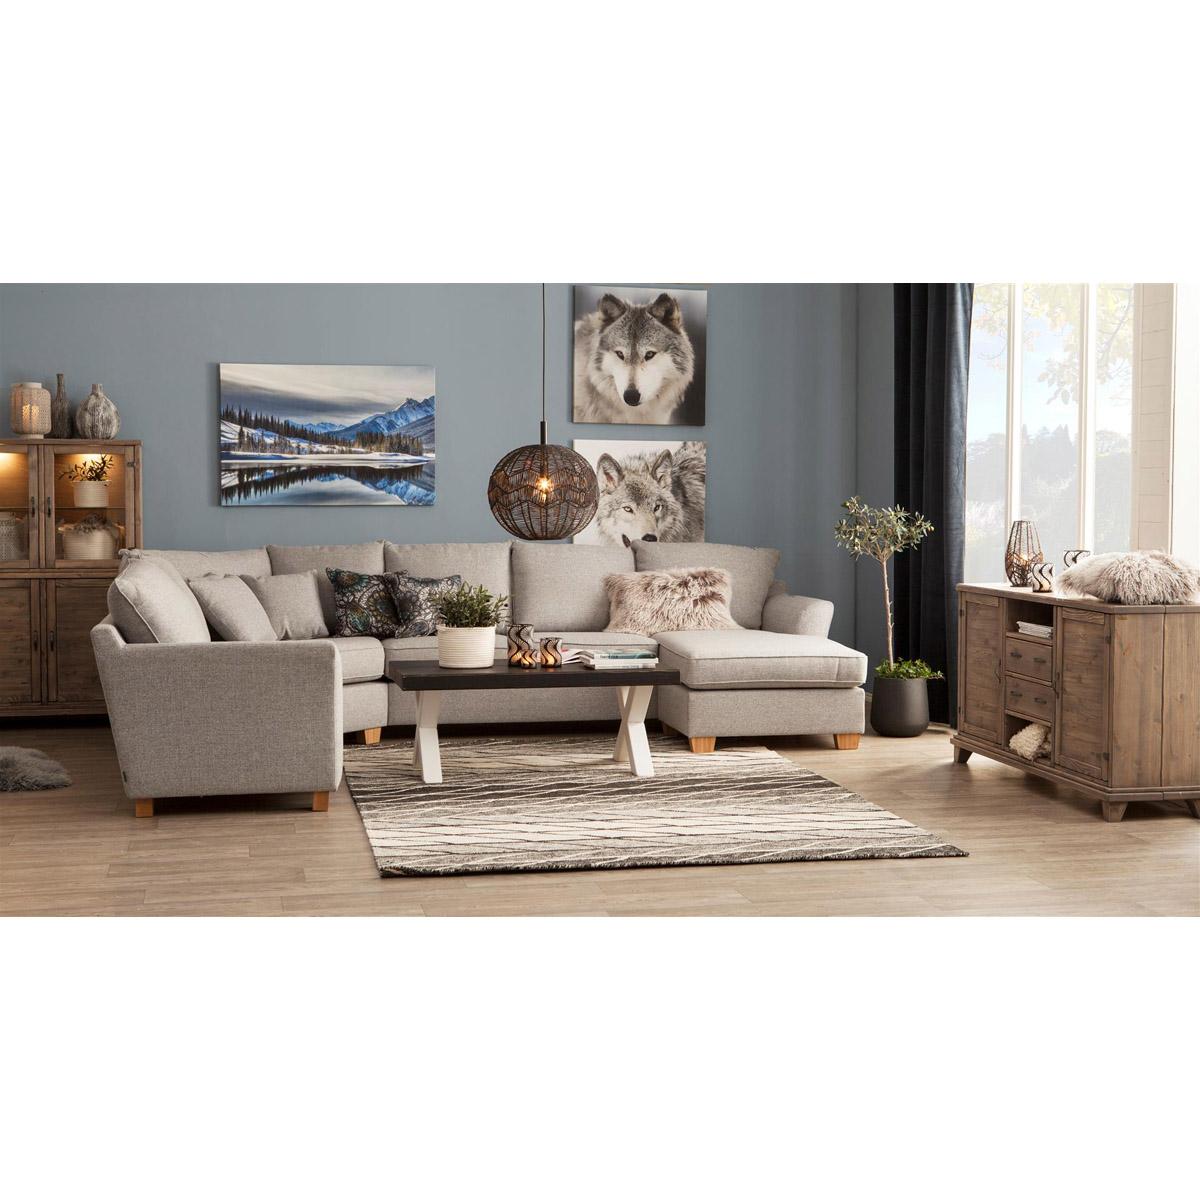 Mello hörnsoffa med divan ljusgrå miljö